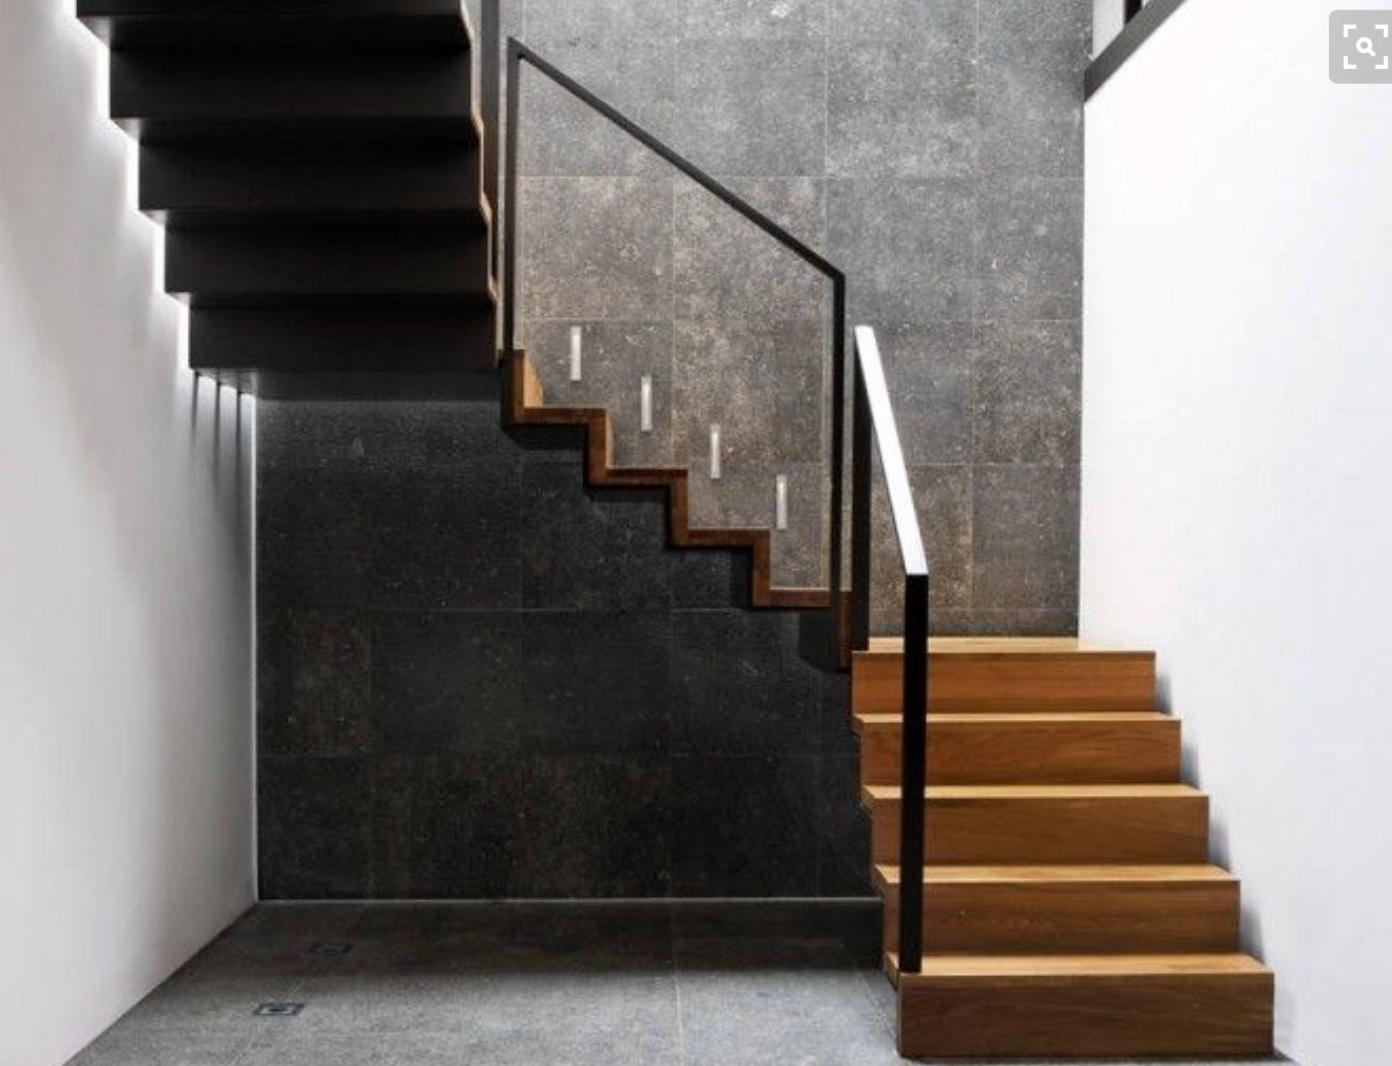 Stahl Holz Treppe dunkle anthrazit dünne filigrane stahl und holz treppe und geländer